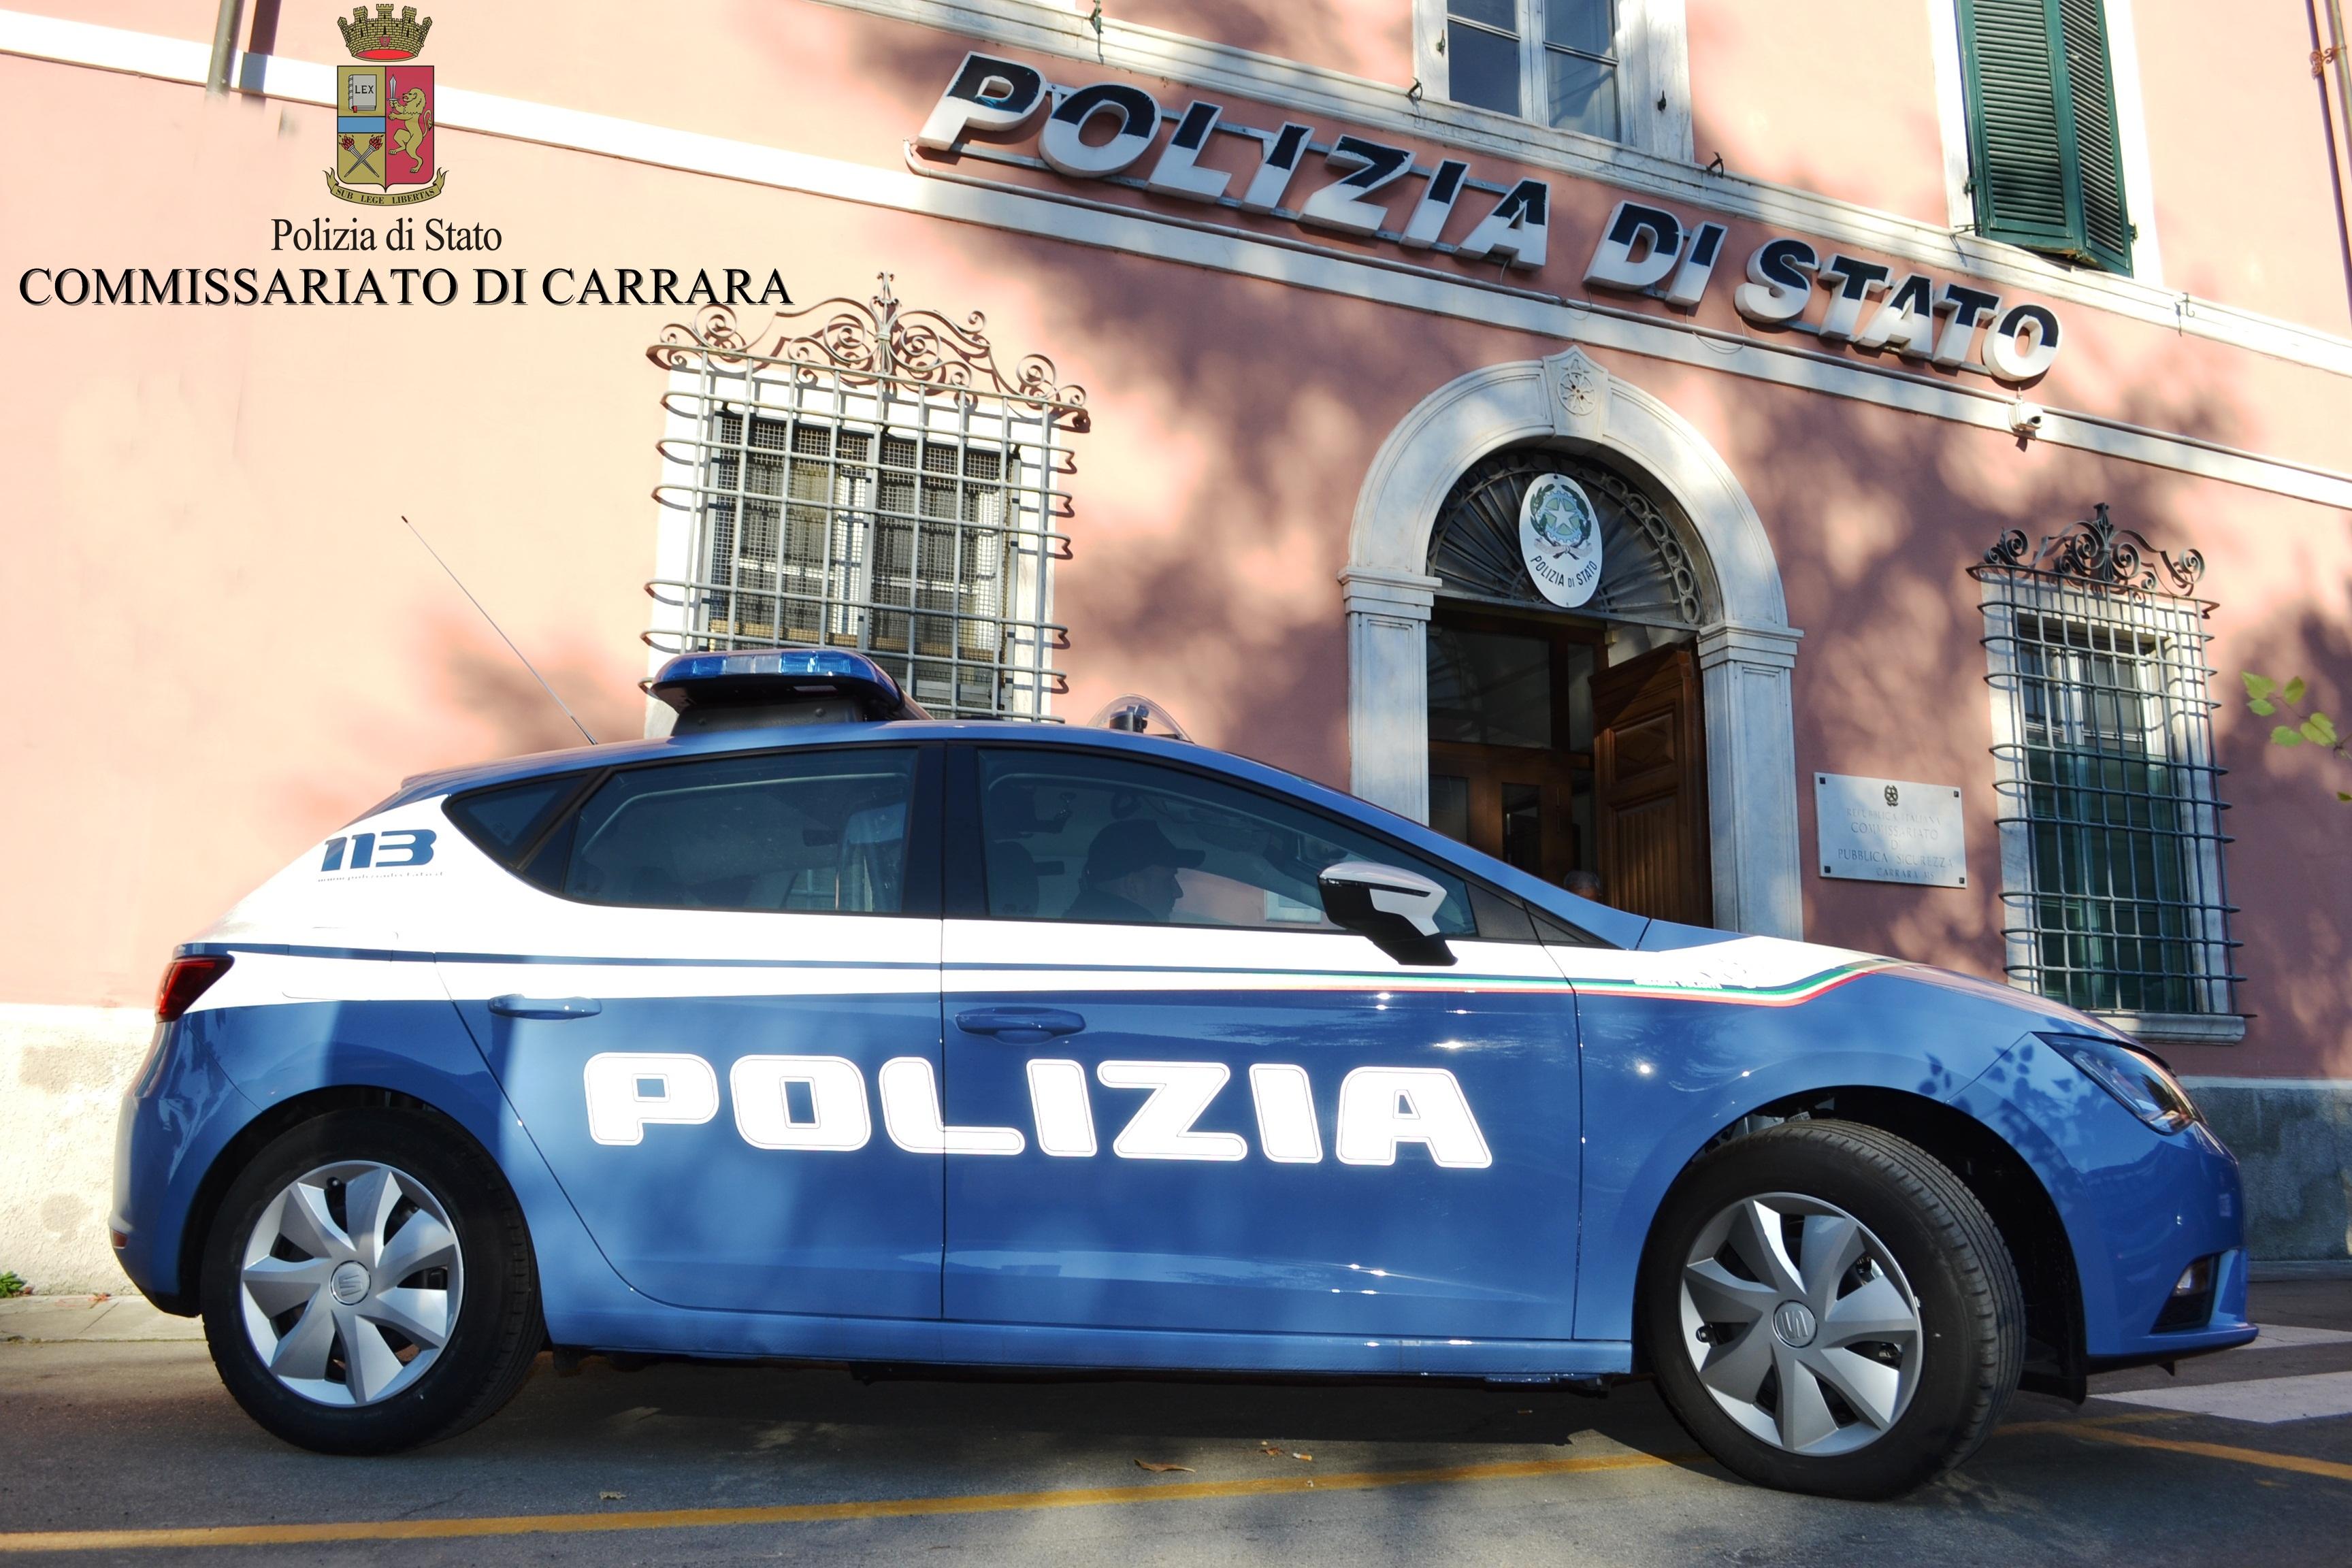 Polizia di stato questure sul web massa carrara for Polizia di soggiorno